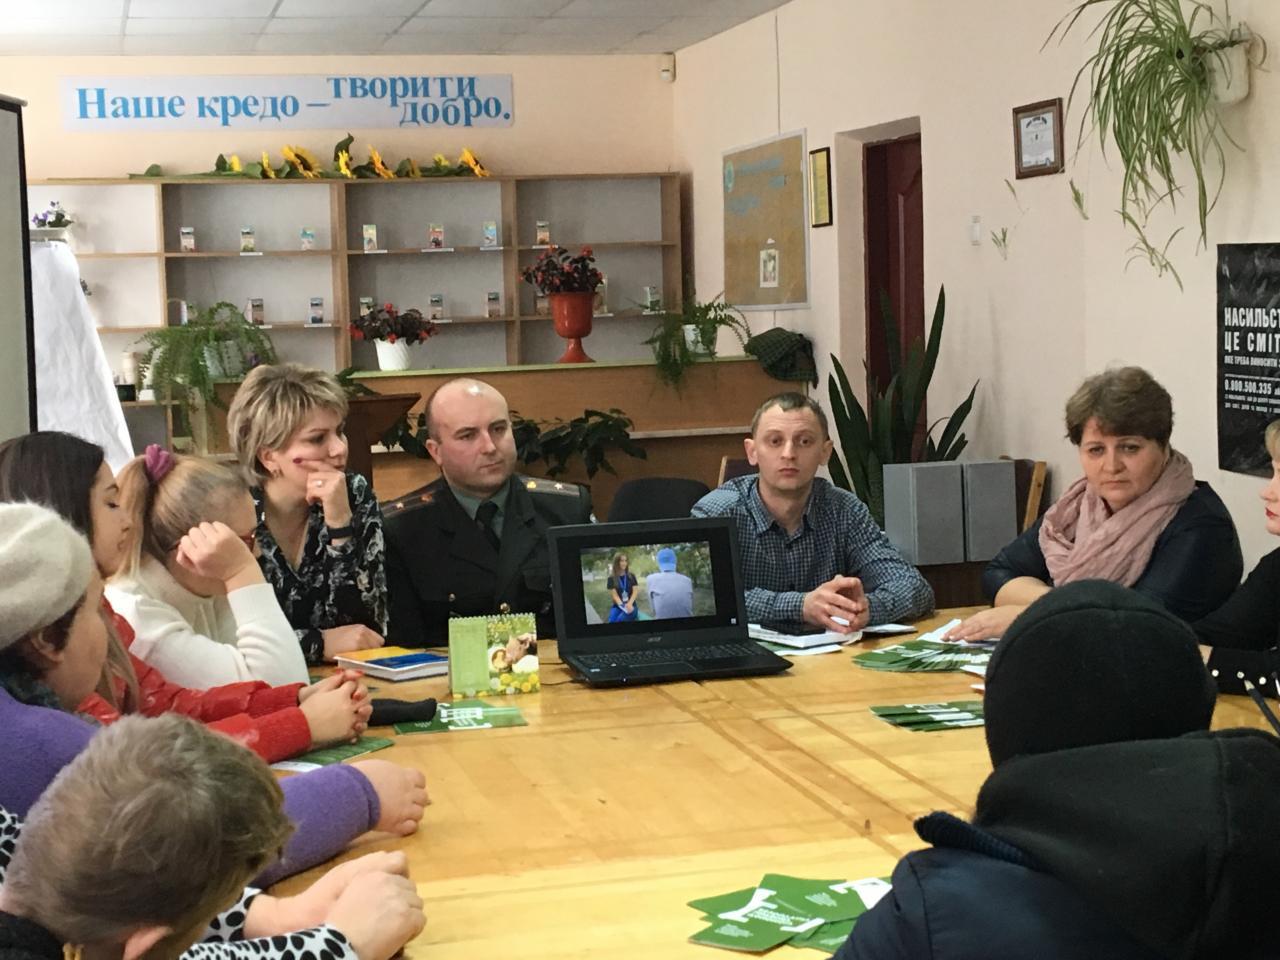 http://dunrada.gov.ua/uploadfile/archive_news/2020/02/14/2020-02-14_6948/images/images-20345.jpg